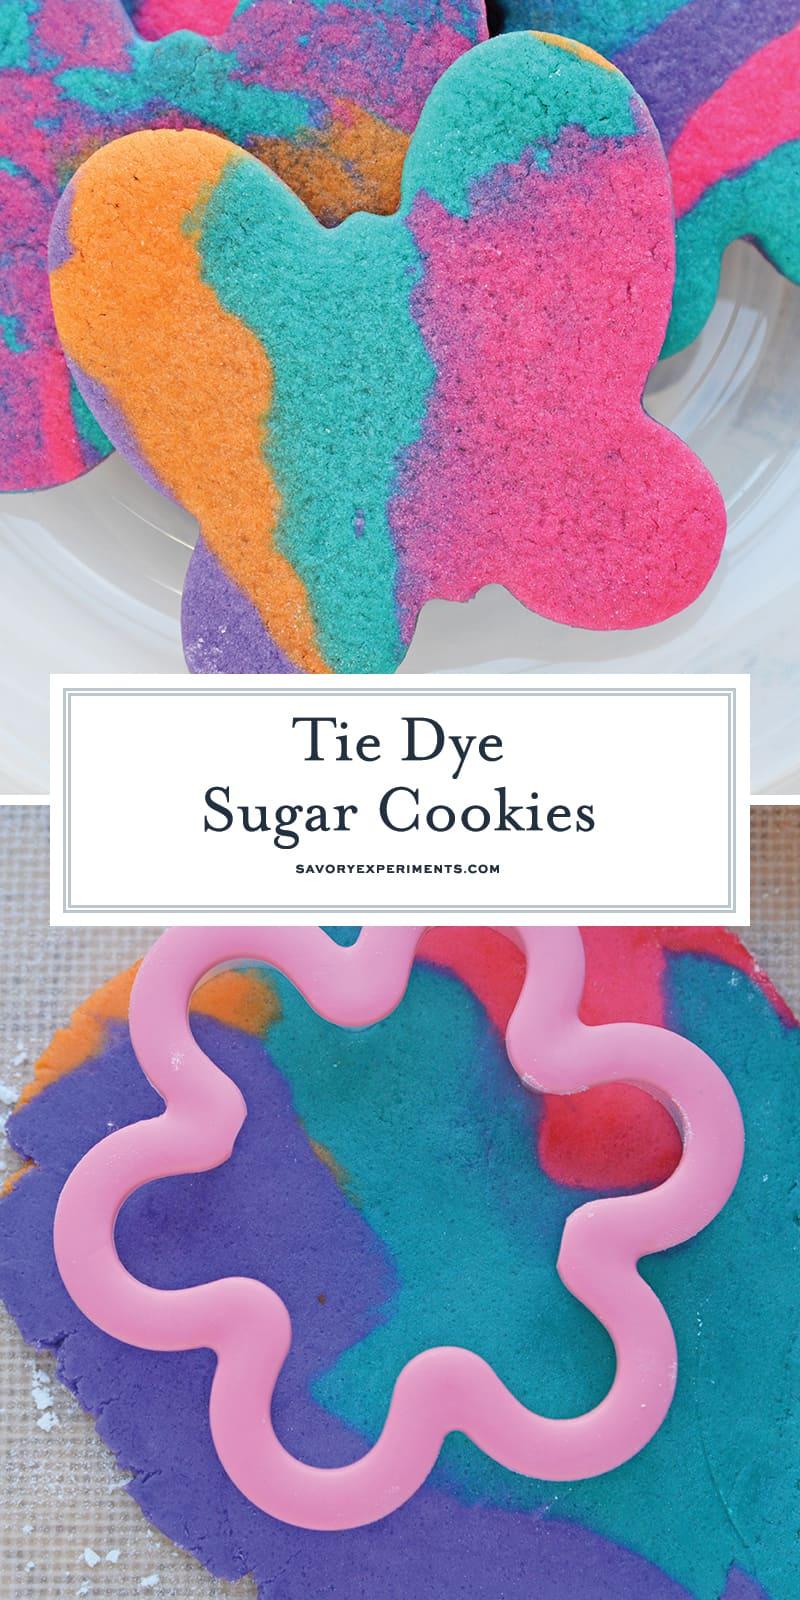 Tie Dye Sugar Cookies for Pinterest